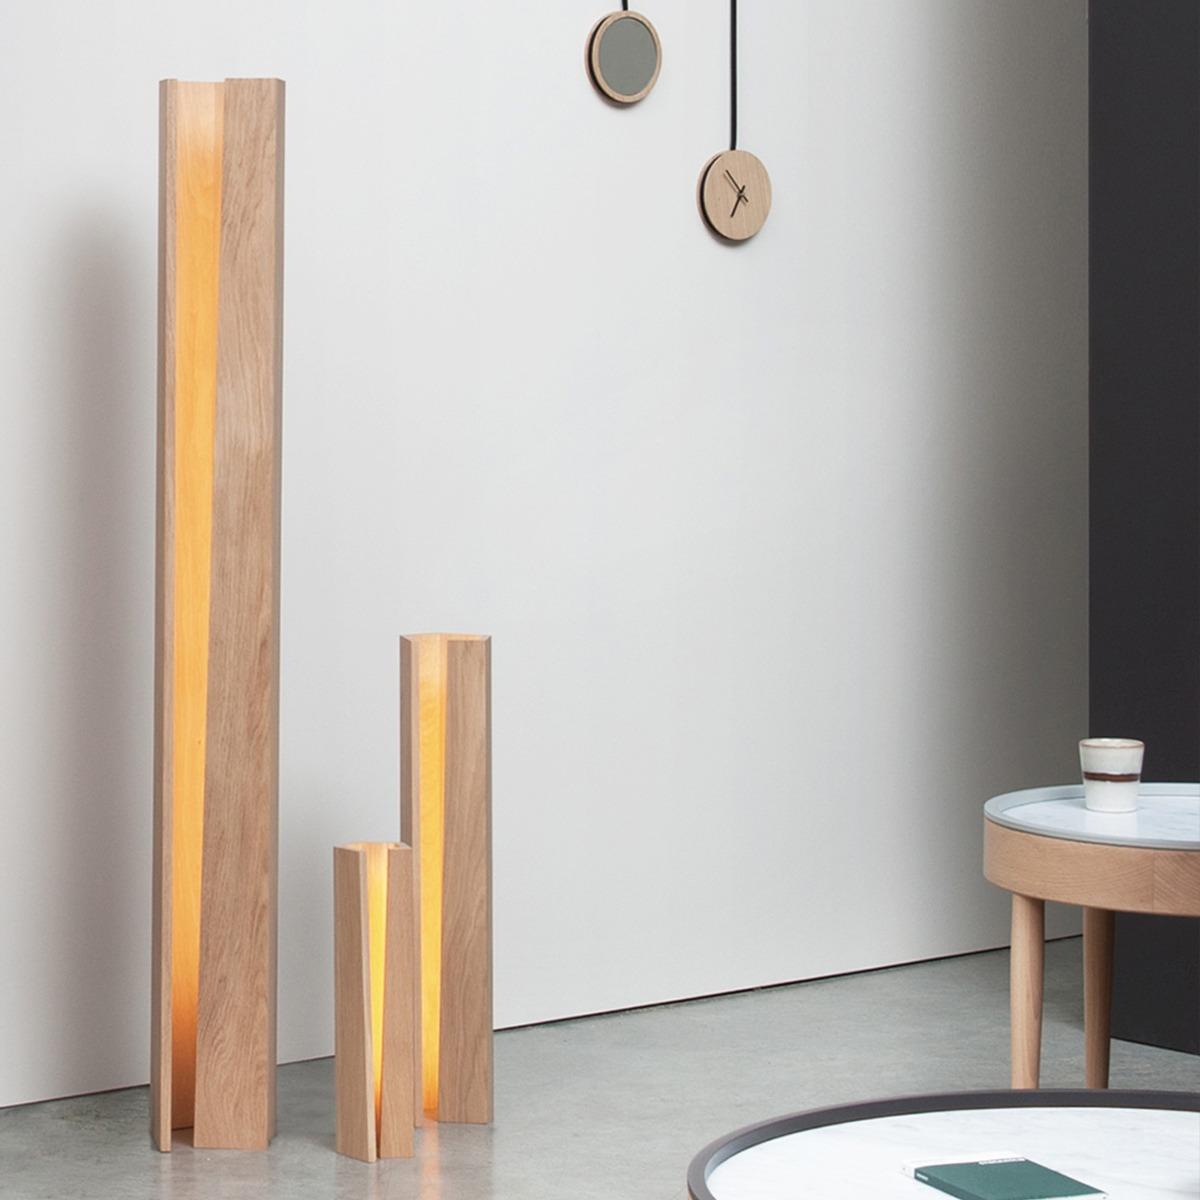 lampe a poser design en bois massif made in france éclairage du salon tendance lumière chaude espace de détente bien-être